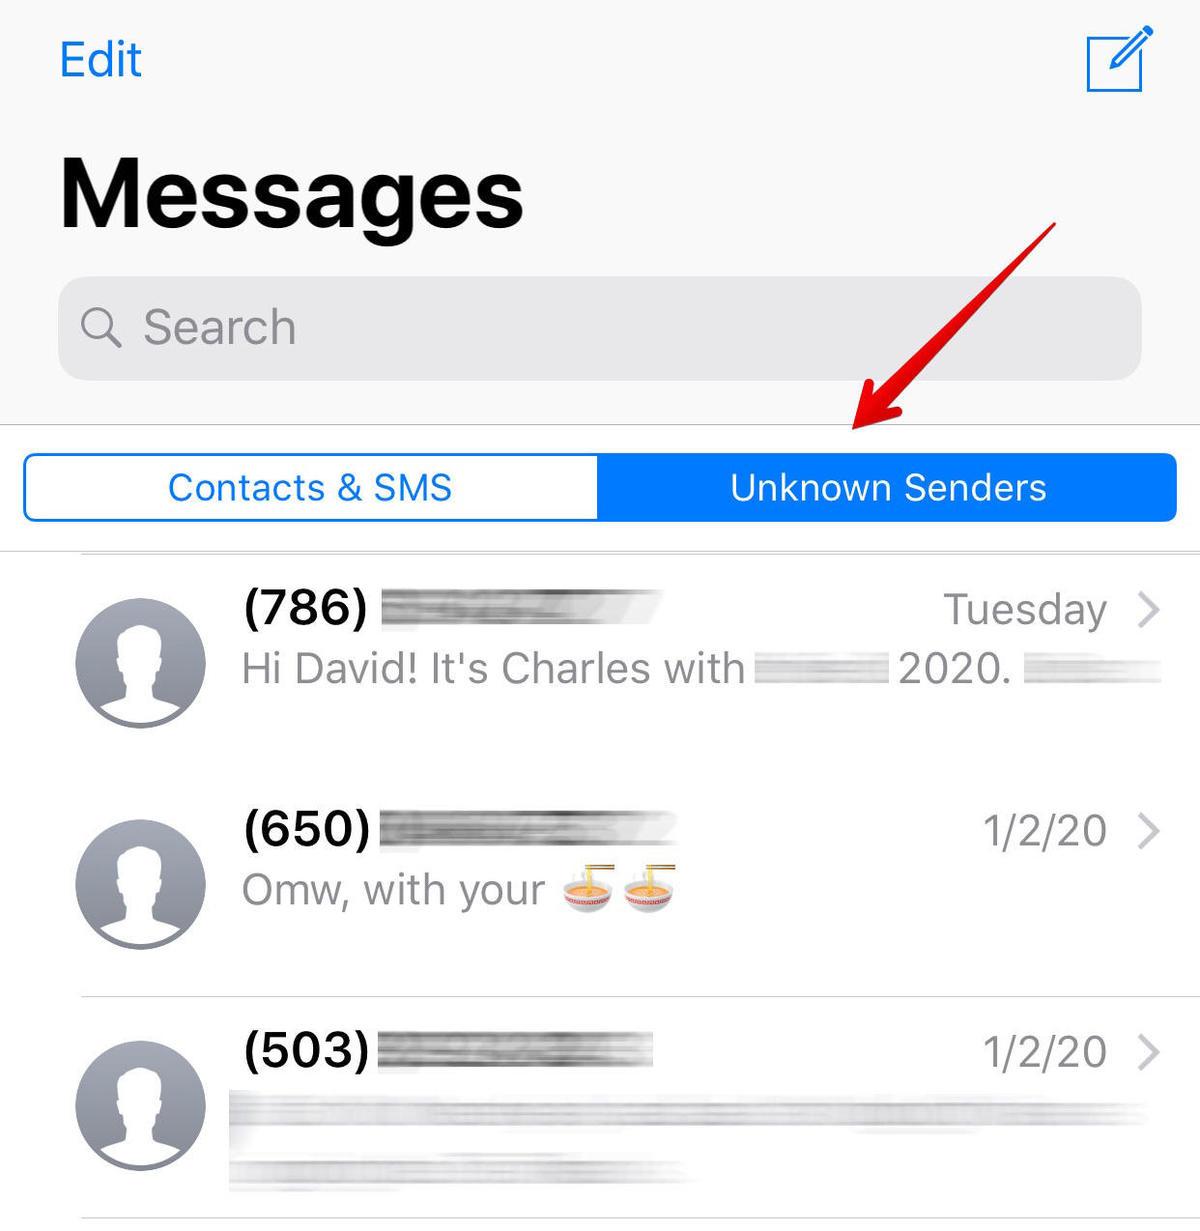 unknown-senders-tab.jpg